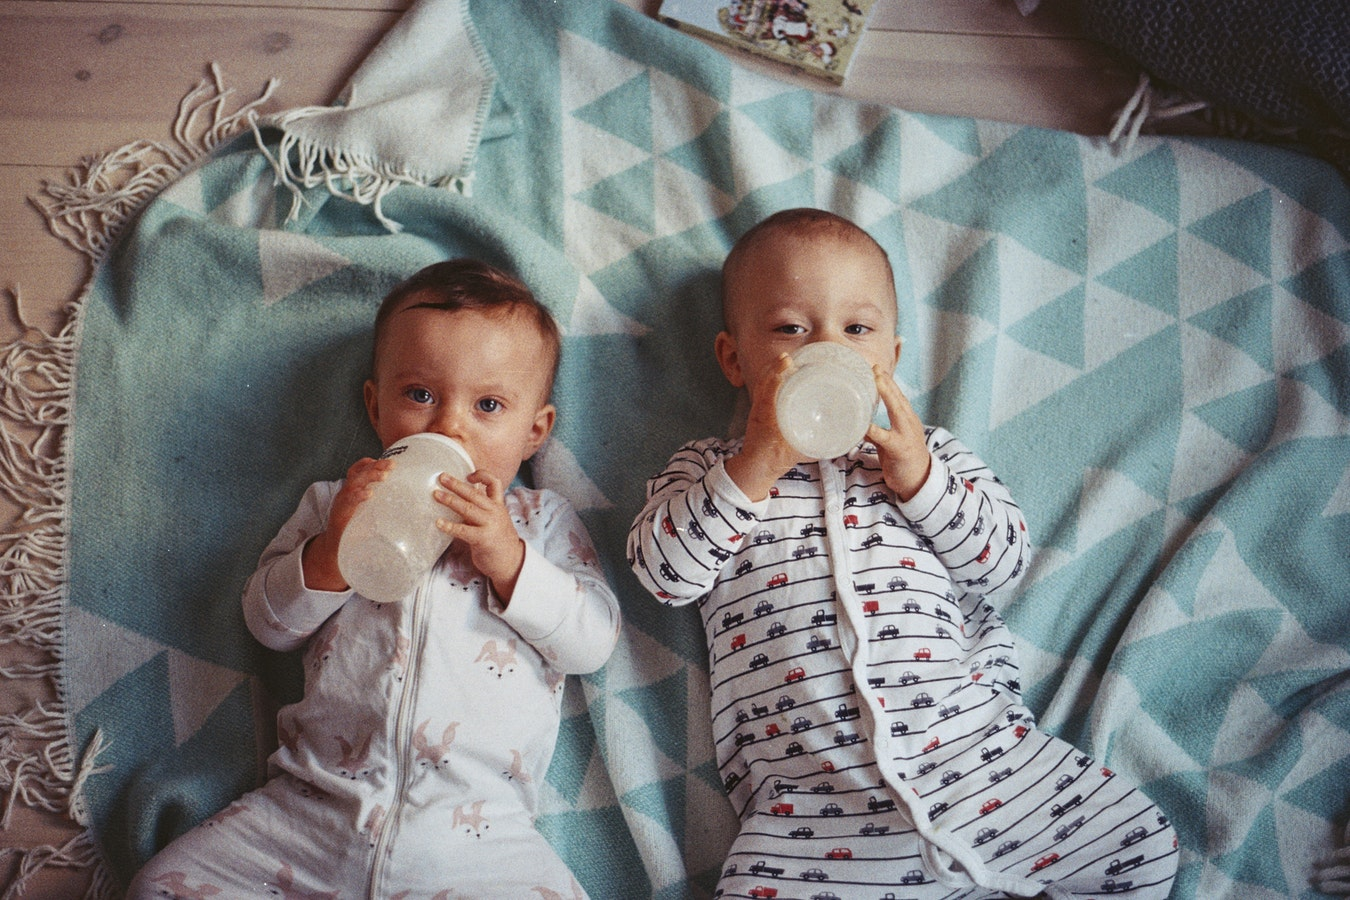 双胎妊娠の場合でも新型出生前診断(NIPT)は受けられる?赤ちゃんが双子でも検査ができる新型出生前診断(NIPT)をご紹介